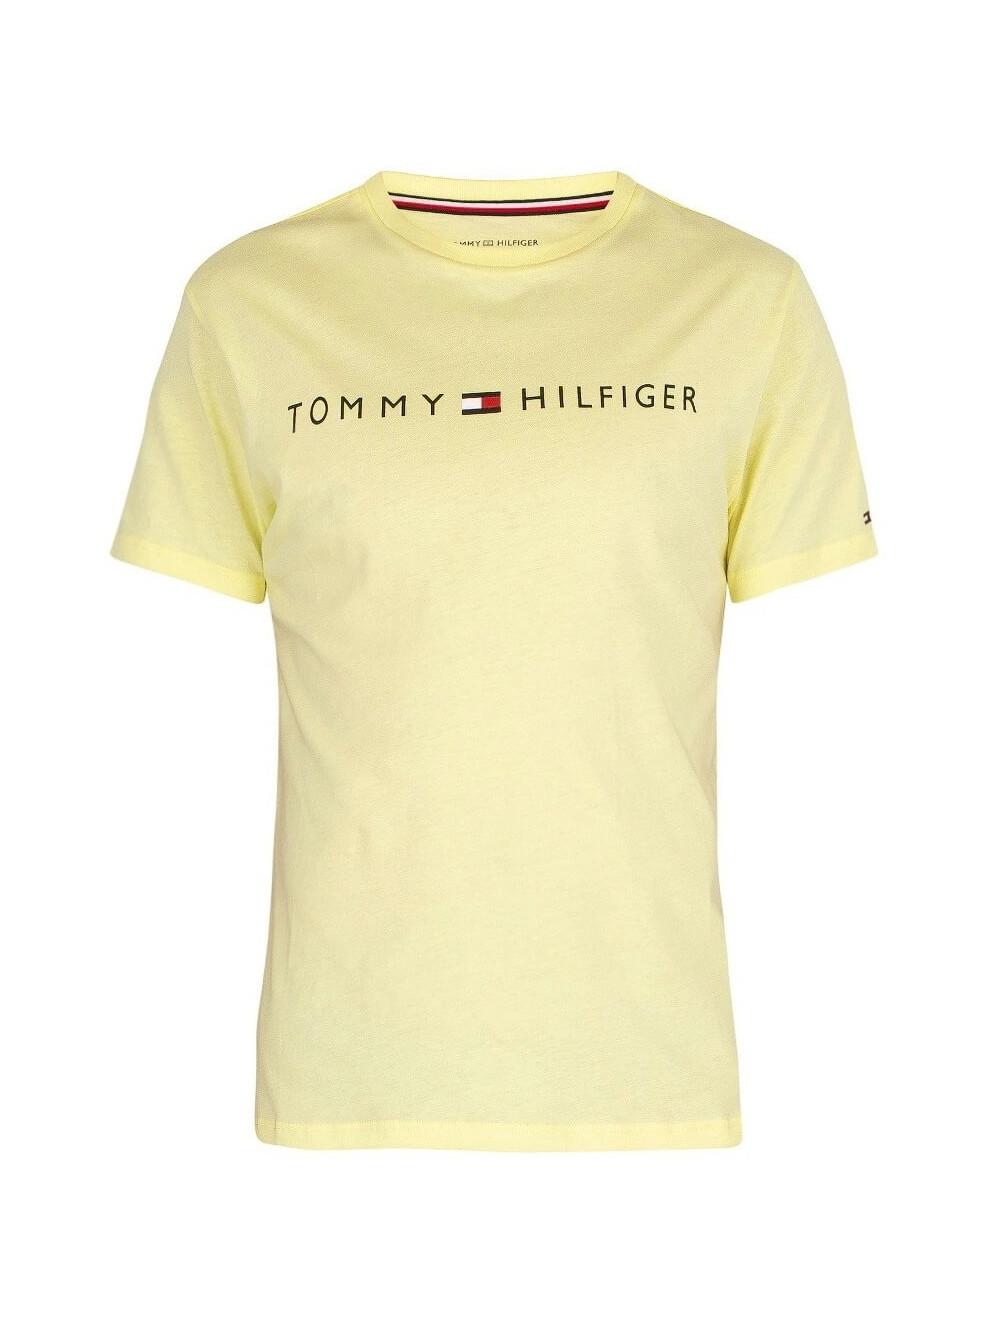 Férfi póló Tommy Hilfiger Crew Neck Tee Logo sárga